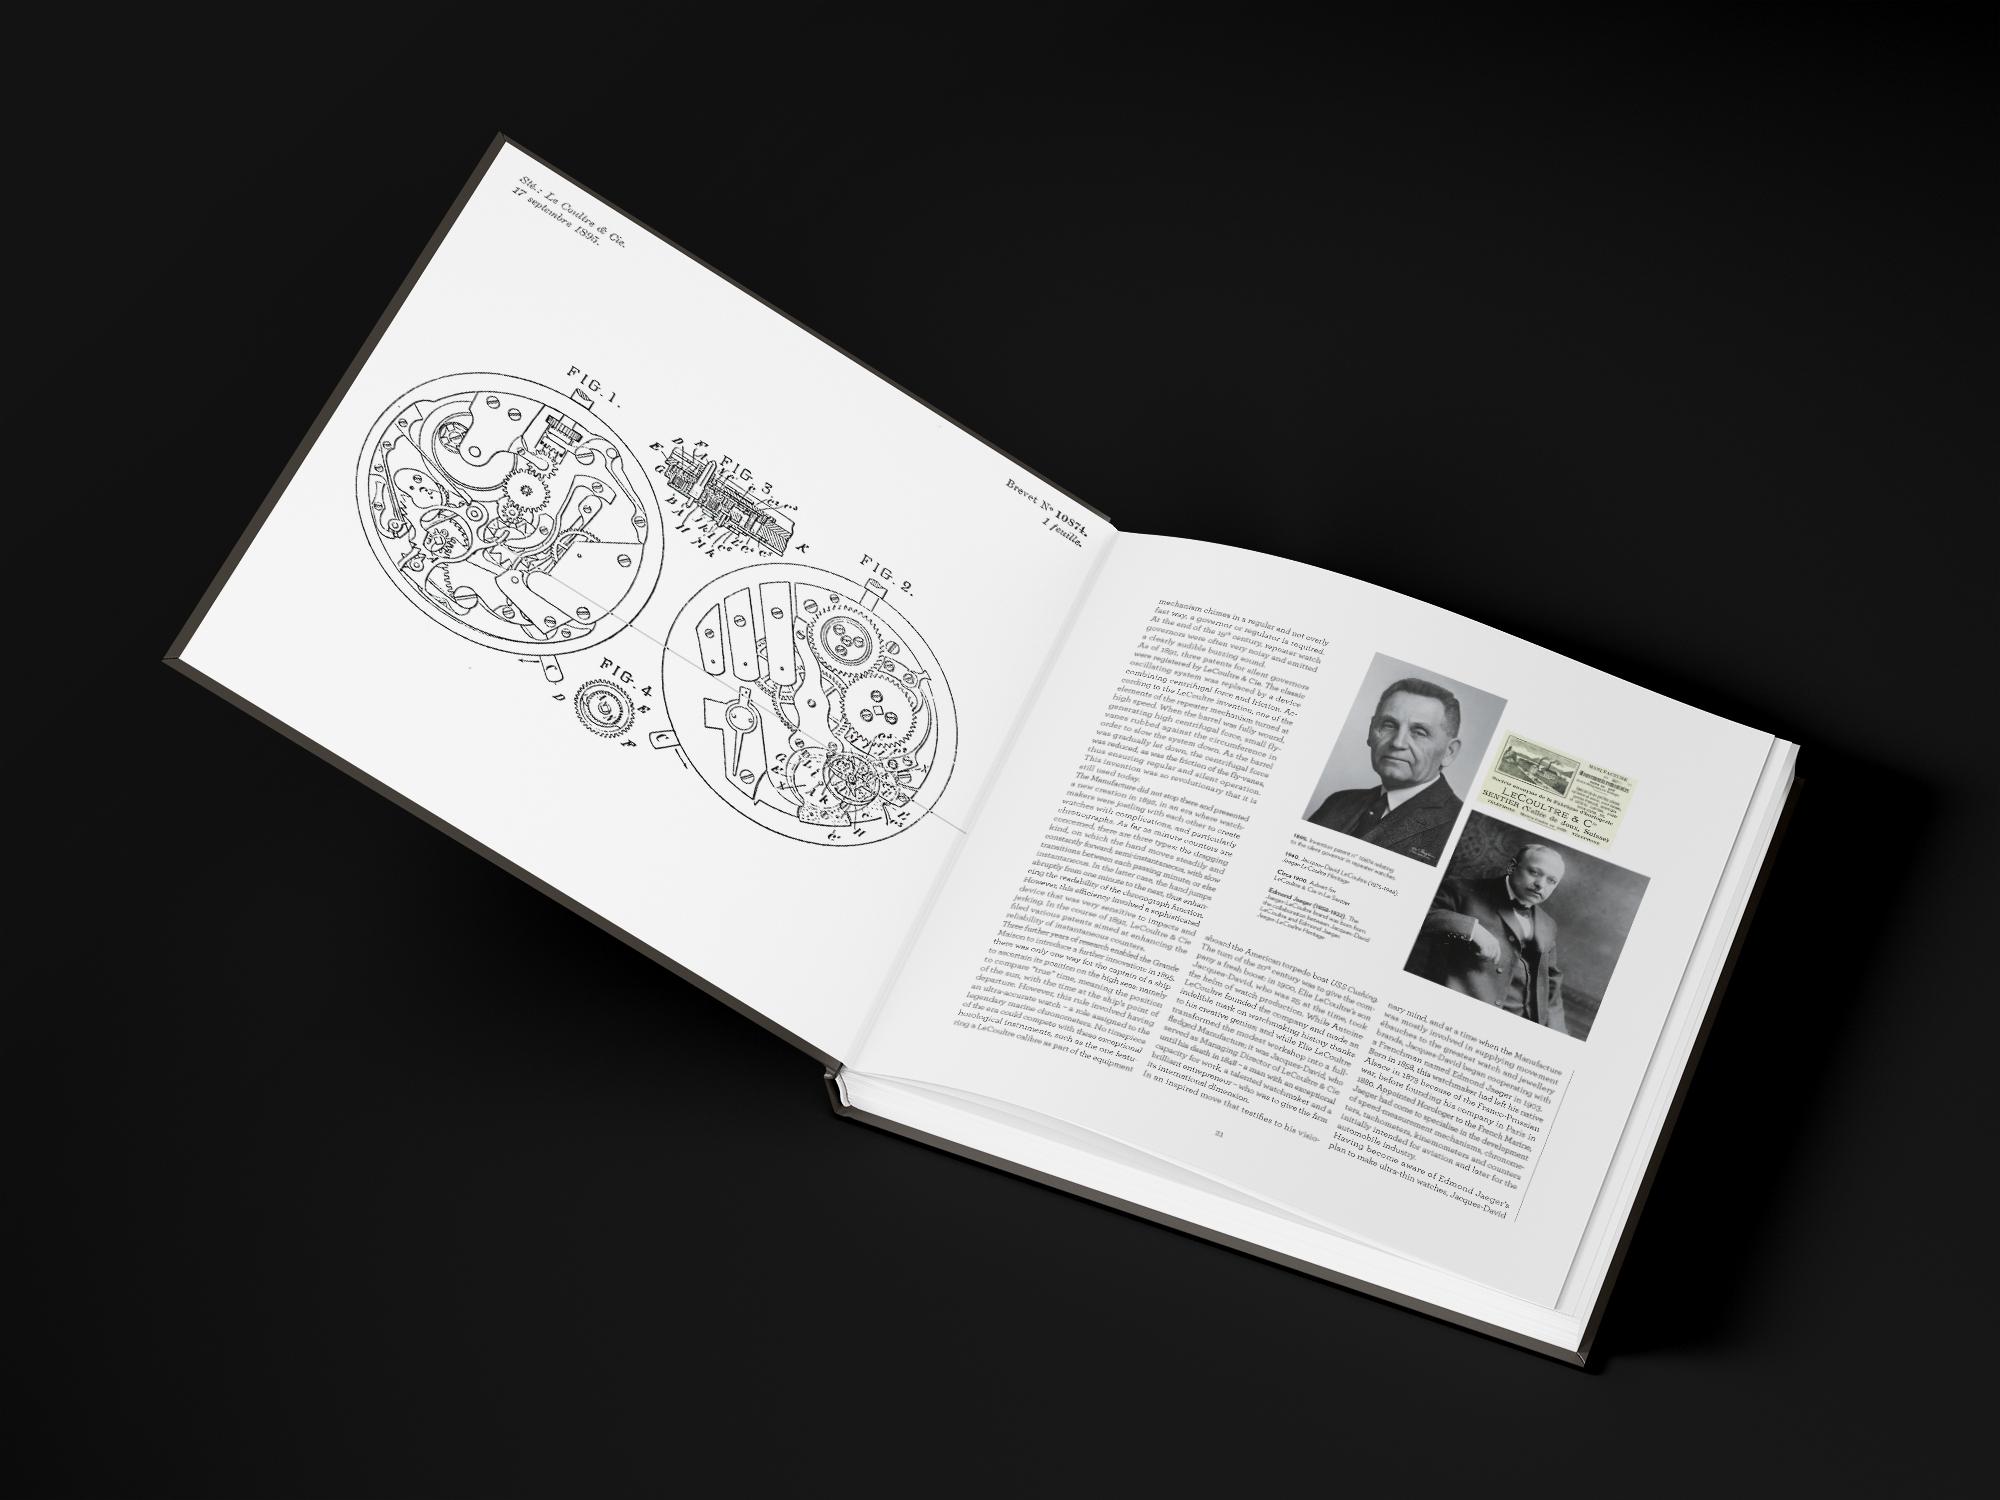 Création de livre horlogerie graphiste freelance